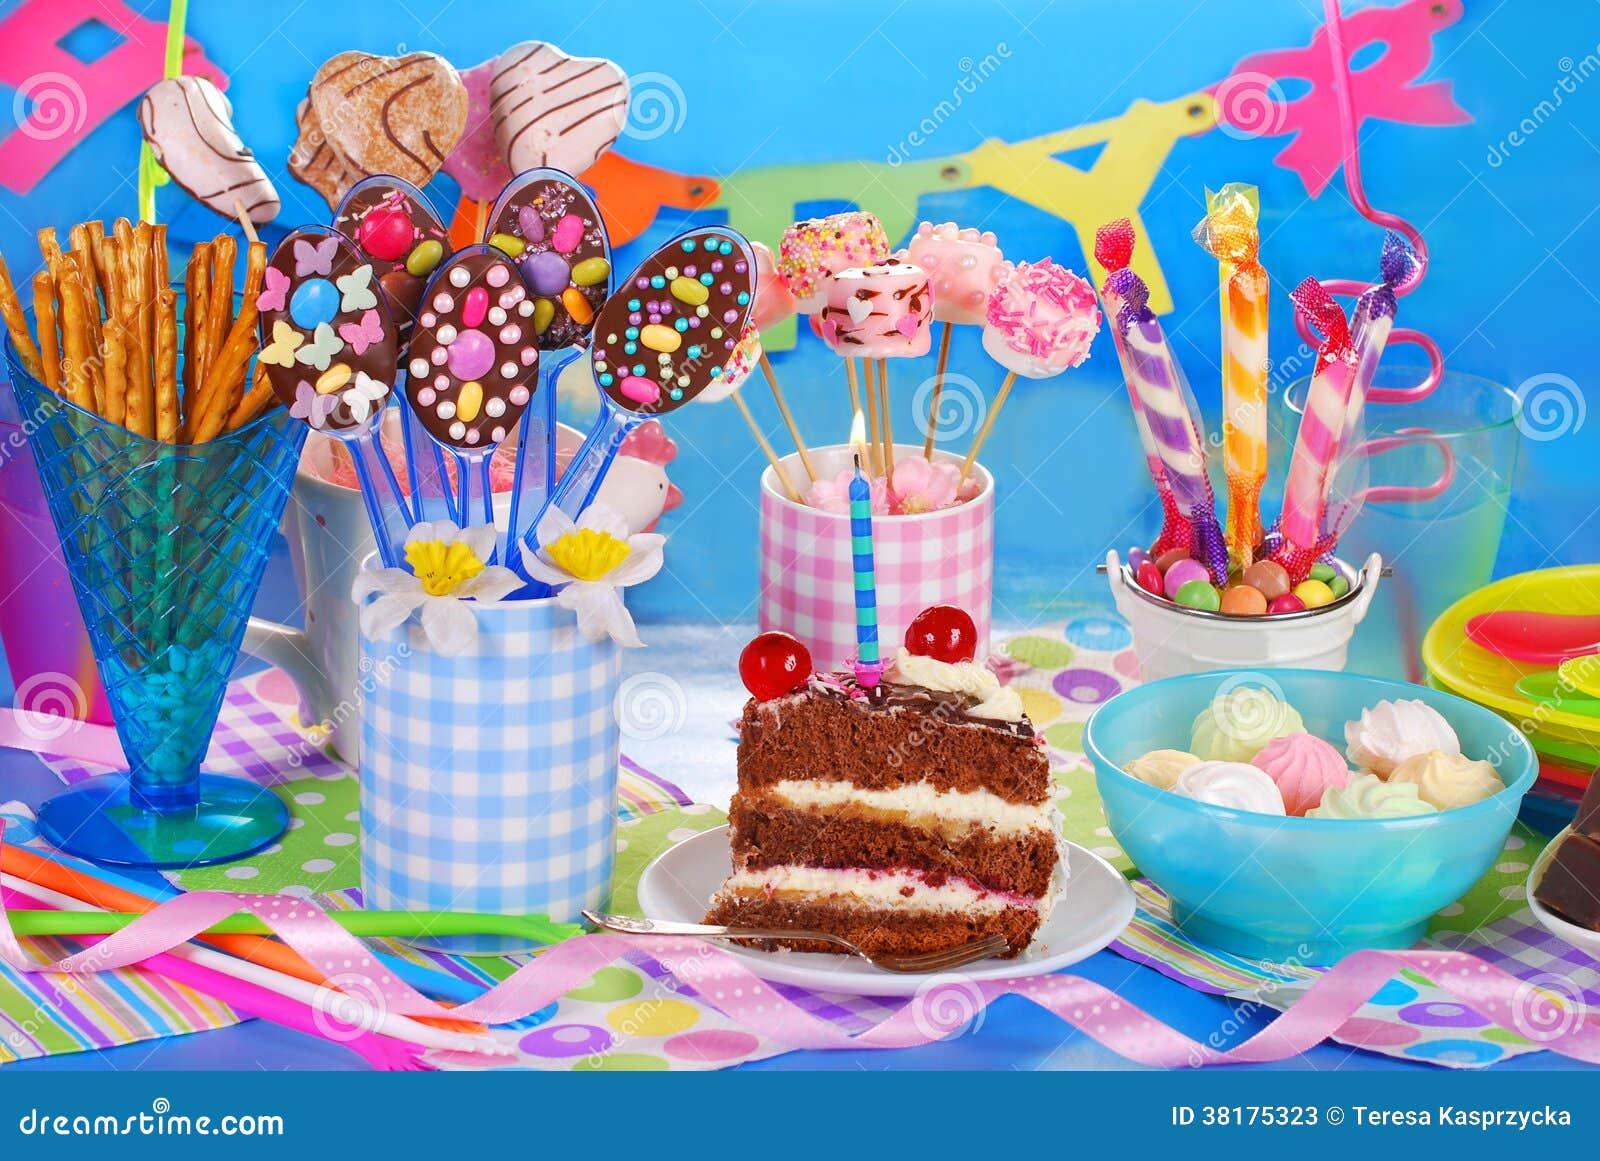 Souvent Tavola Della Festa Di Compleanno Con Il Torte Ed I Dolci Per I  KC47